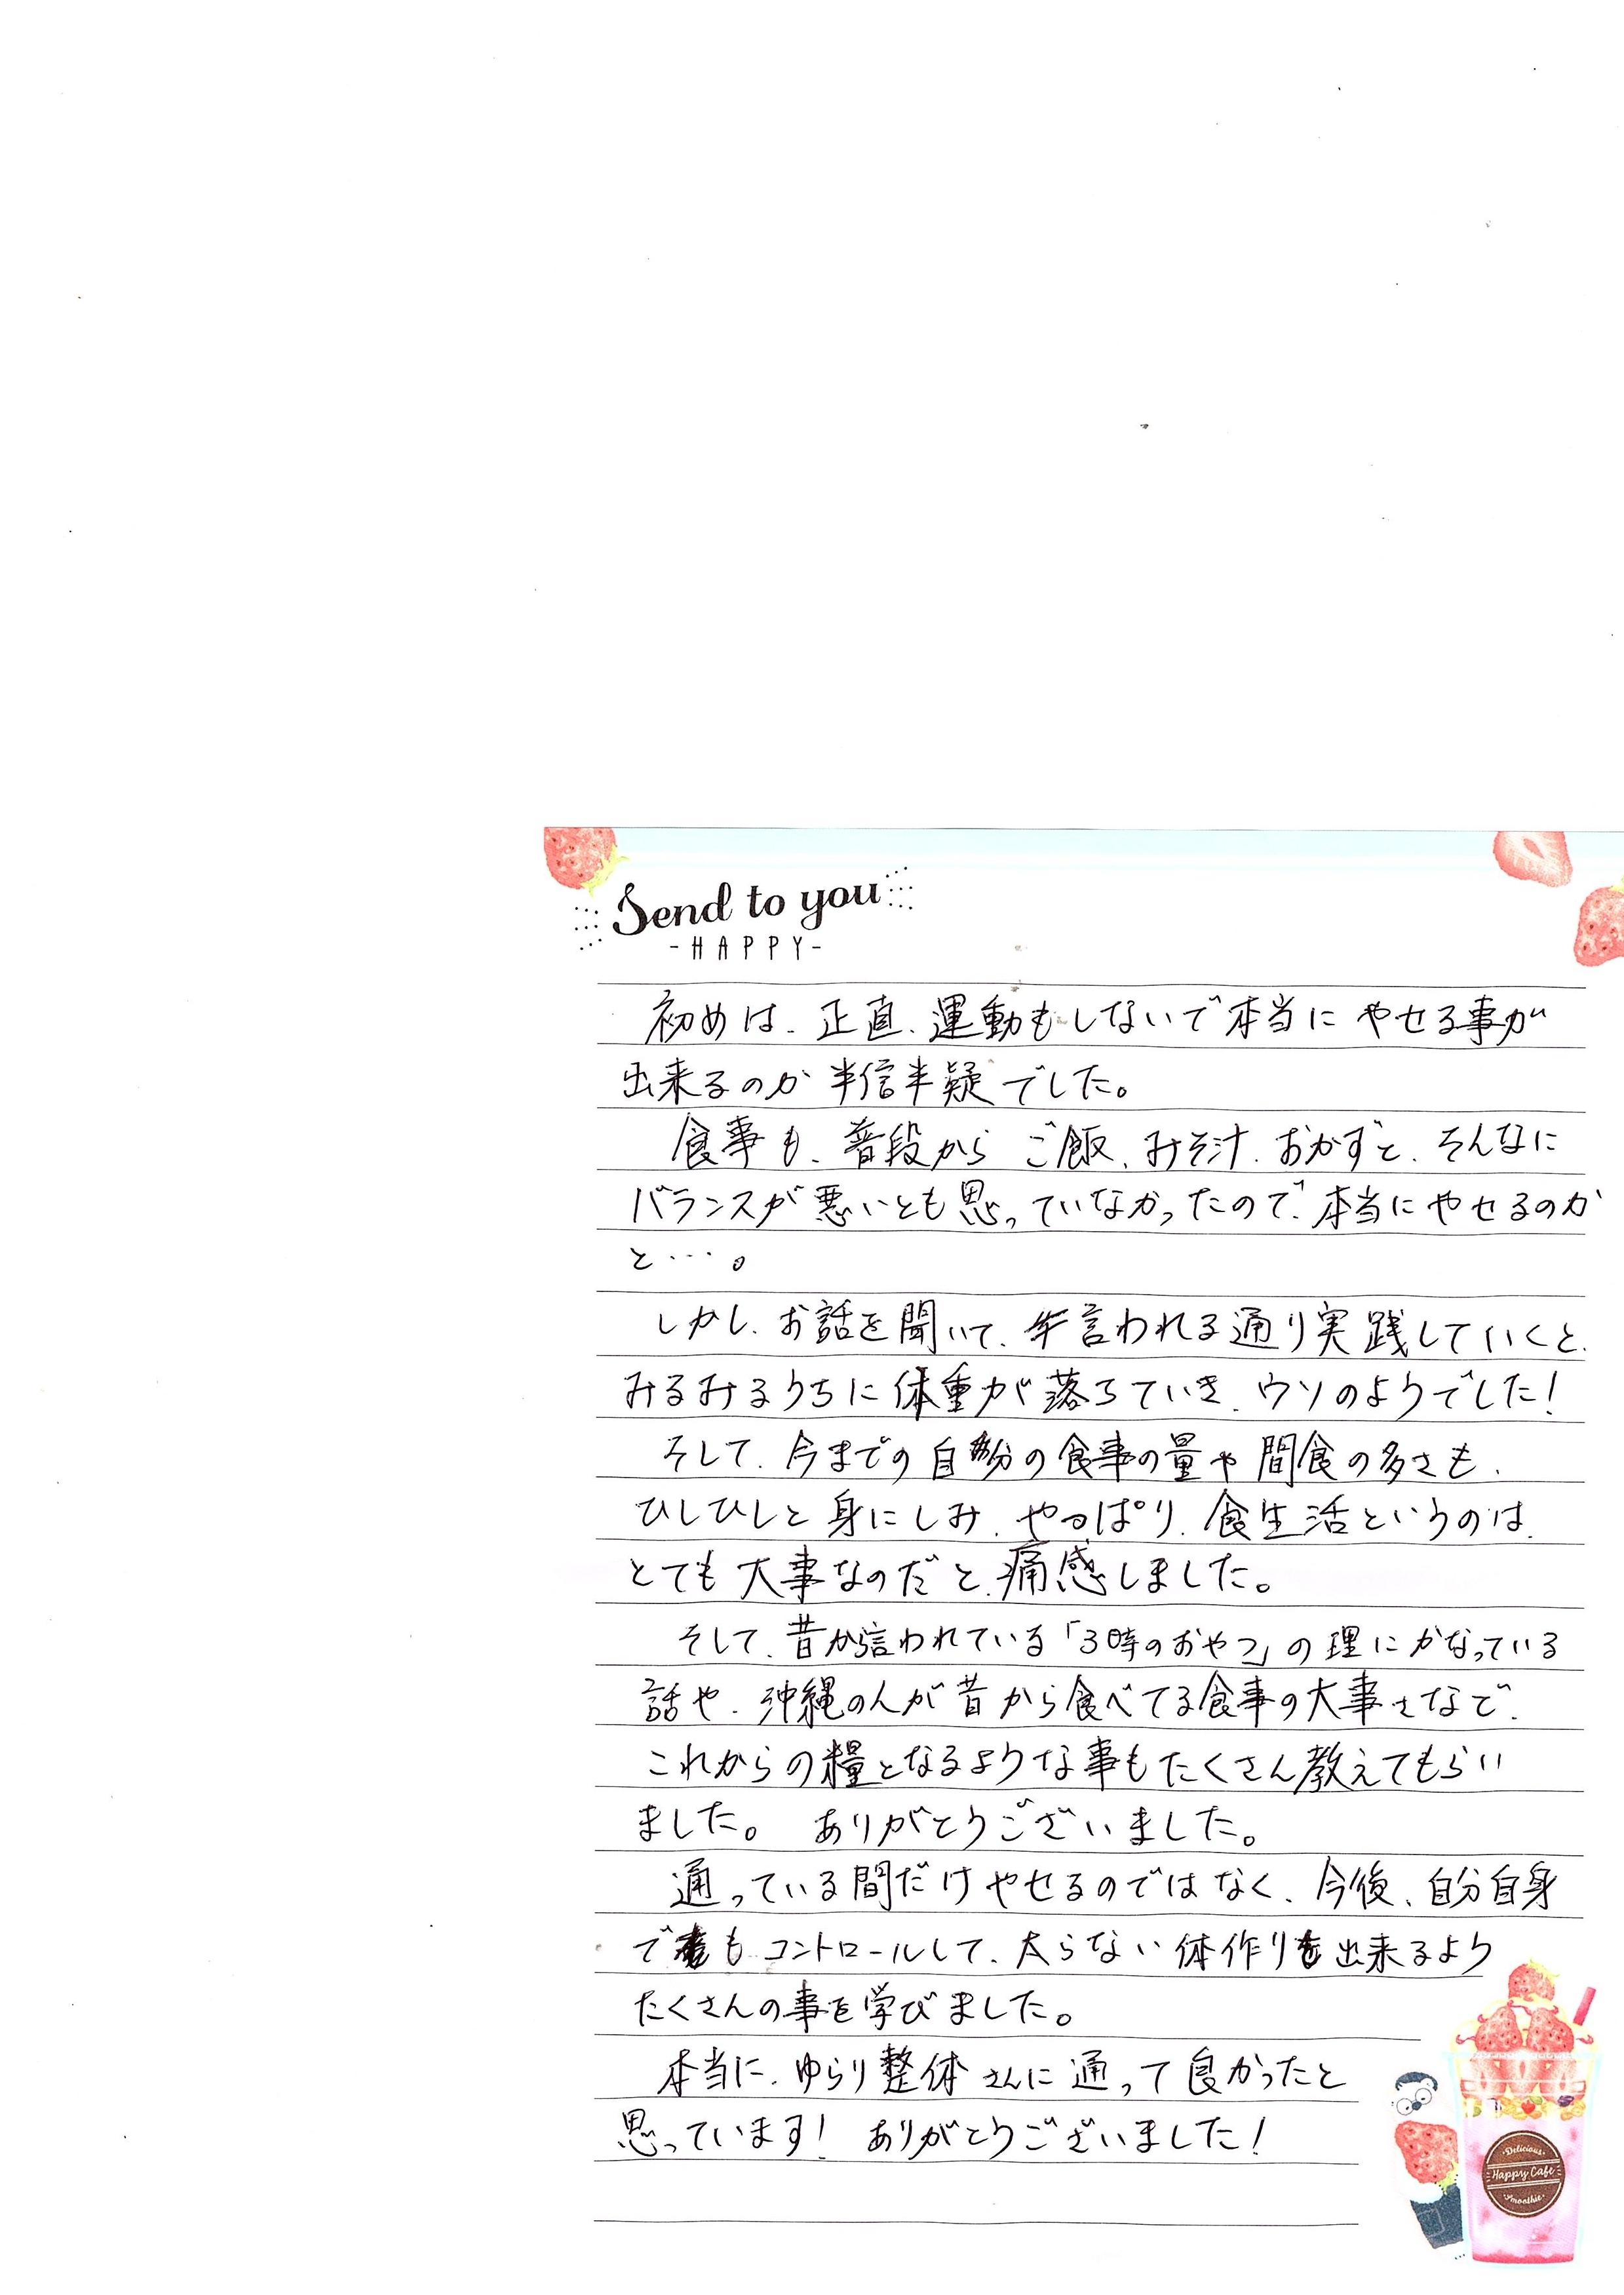 宮城麻衣子さん手紙